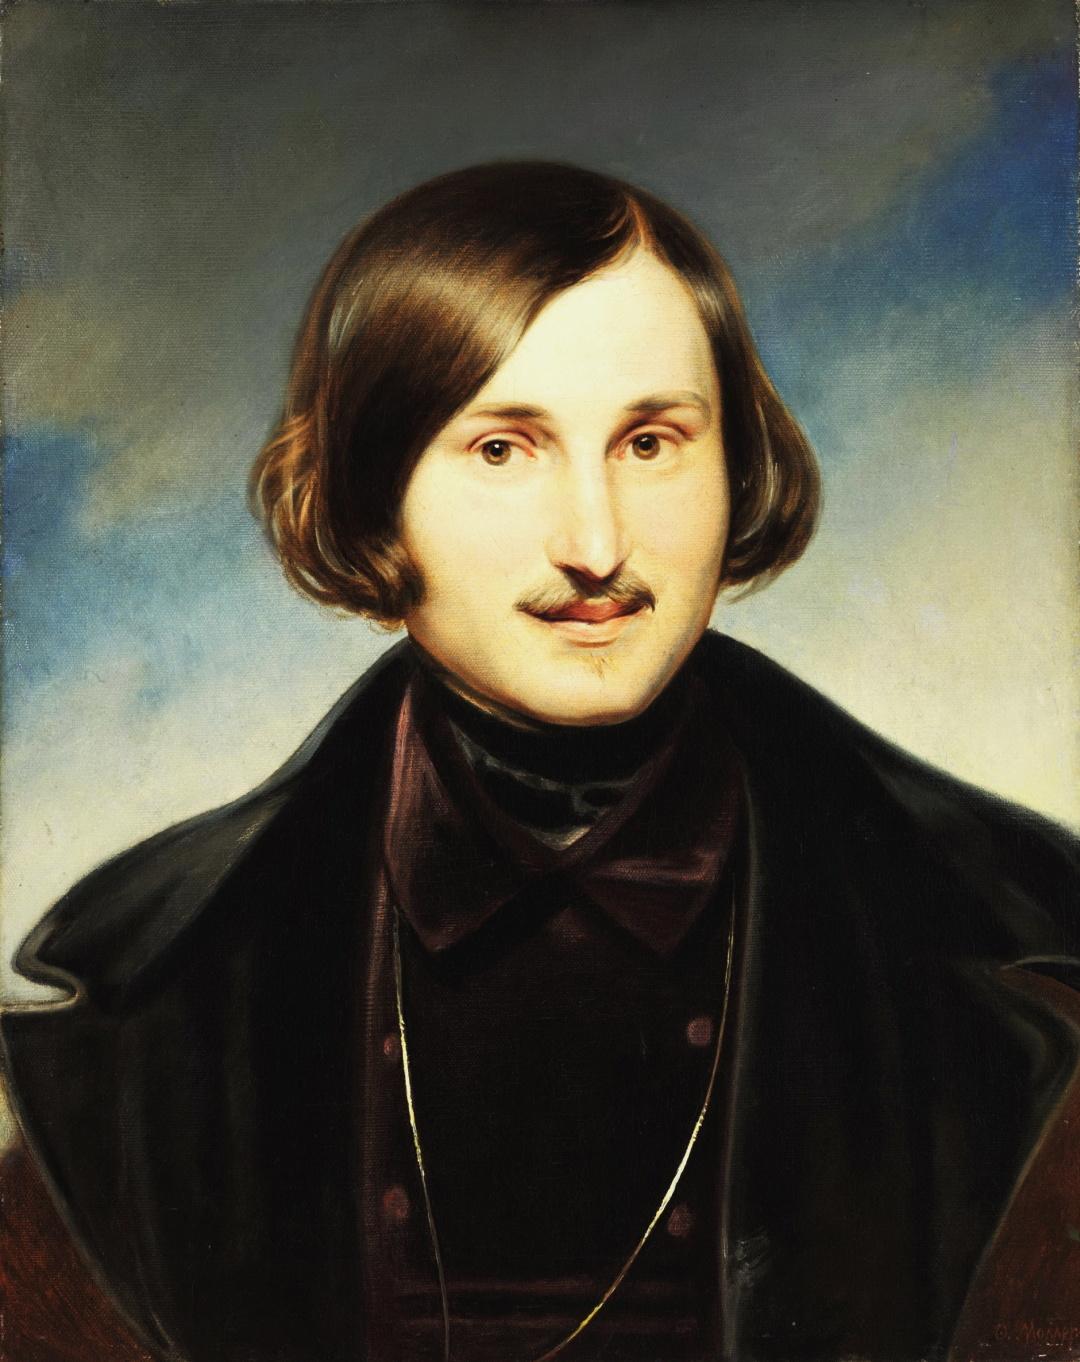 художник Федор Моллер, Портрет писателя Николая Васильевича Гоголя, начало 1840-х гг. 1